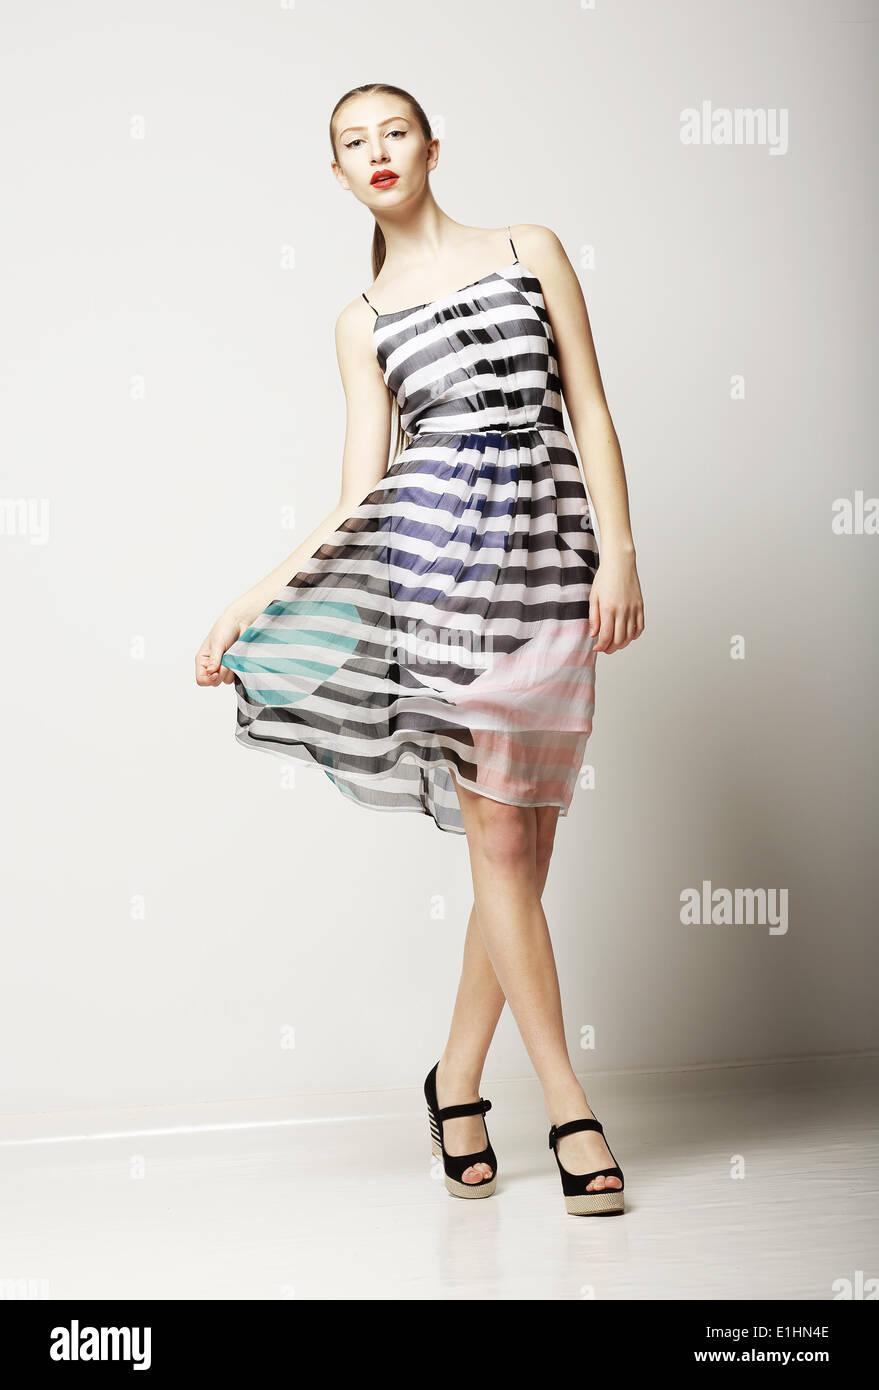 5931e618f859 Stile di vita. Attraente femmina Slim indossando Sleeveless Tabby abito.  Sensualità Immagini Stock